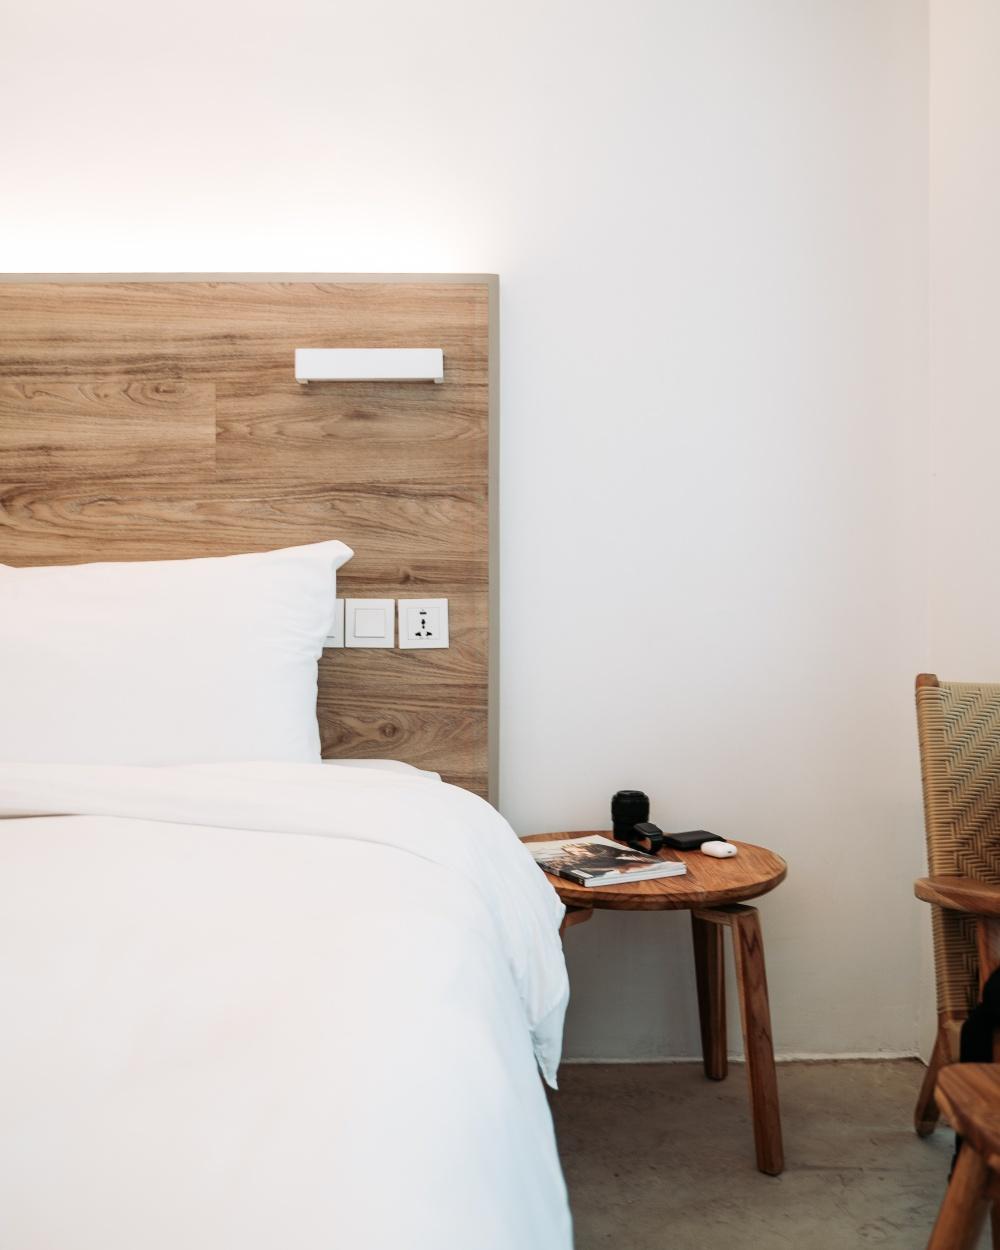 Кровать в скандинавском стиле, мебель для спальни в скандинавском стиле, особенности скандинавского стиля